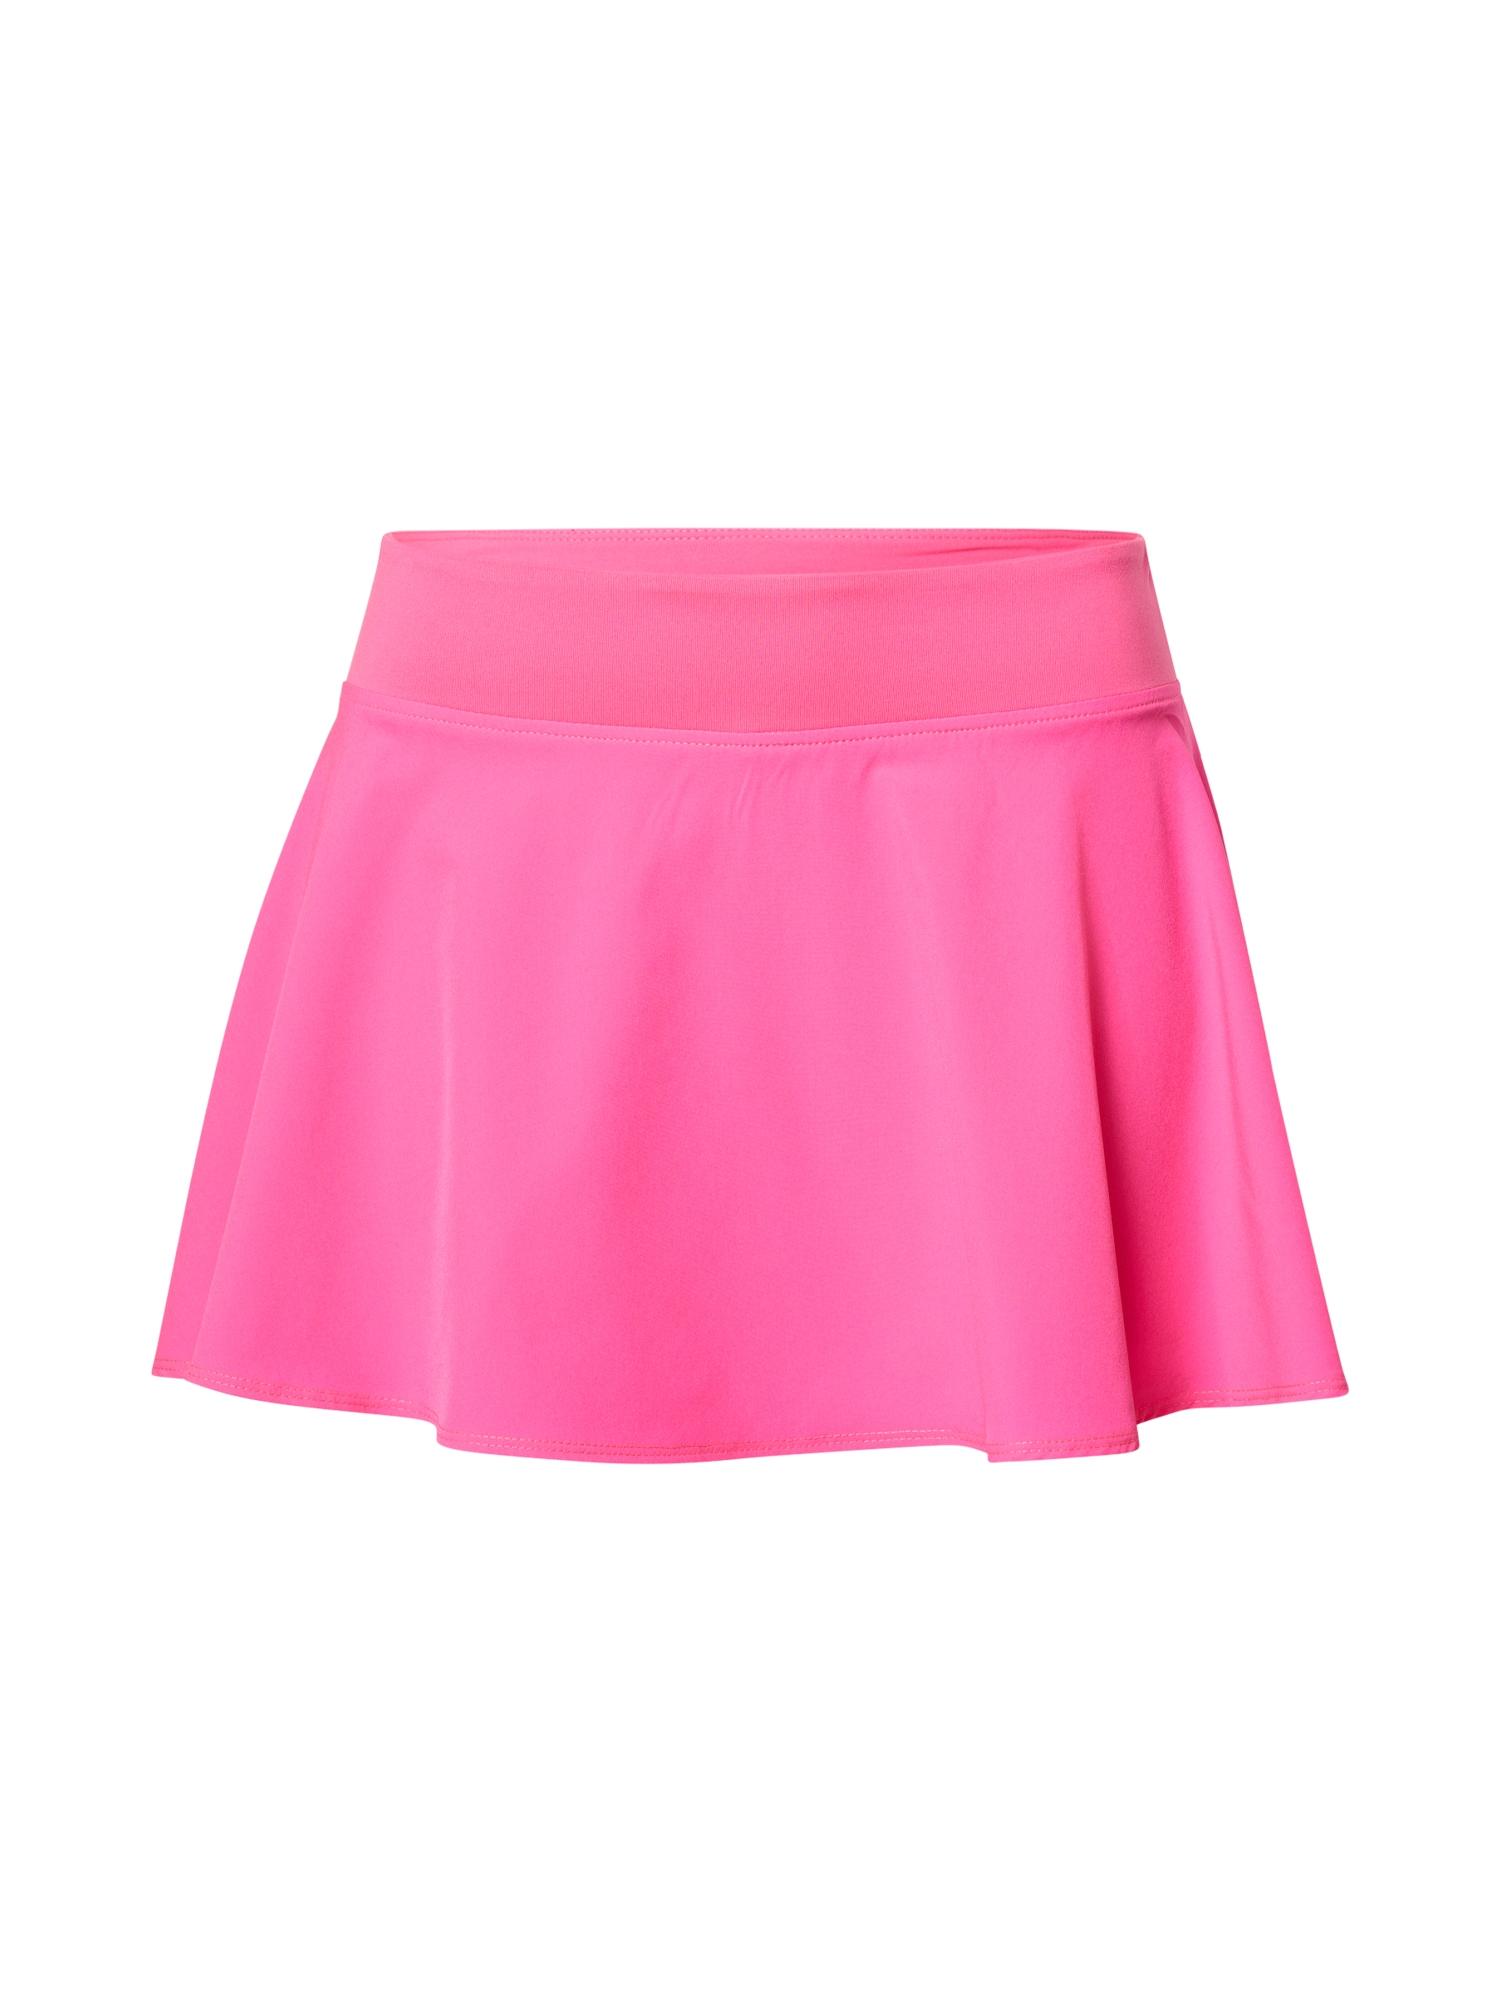 BIDI BADU Sportinio stiliaus sijonas